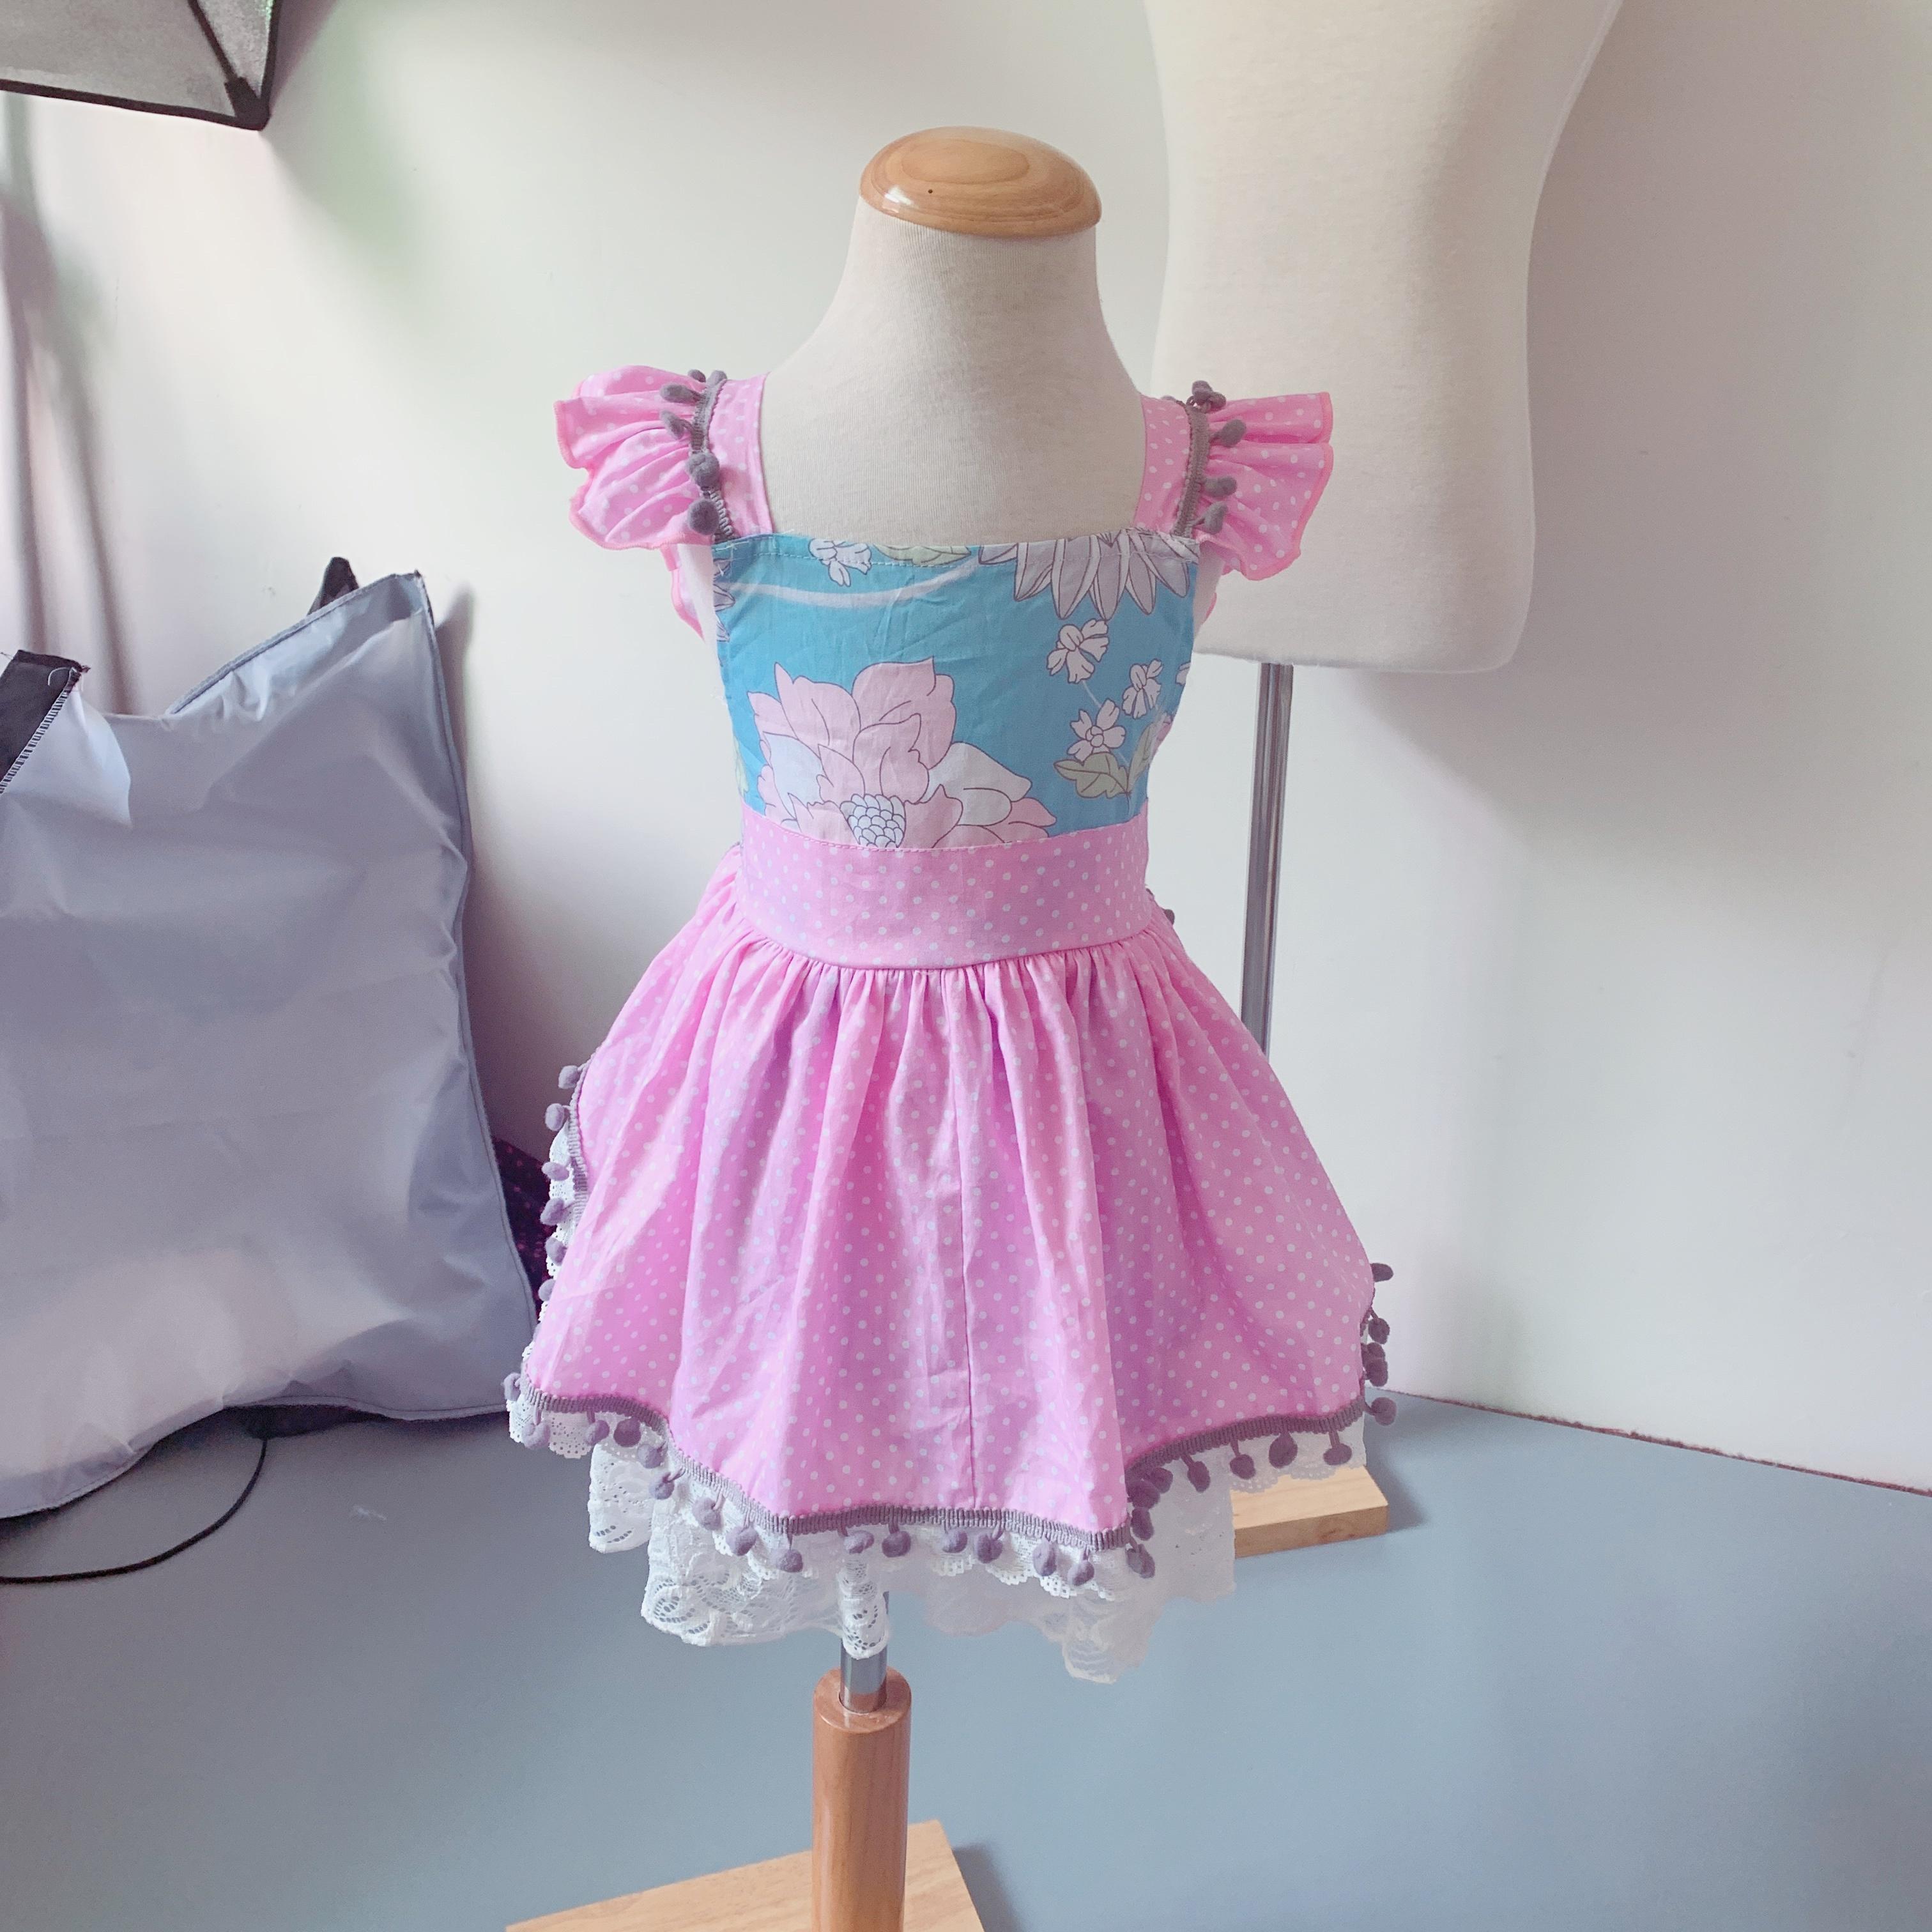 0b2d44f32d3 2019 el más nuevo chico chica patrón floral azul vestido de niña fucsia  puntos falda de